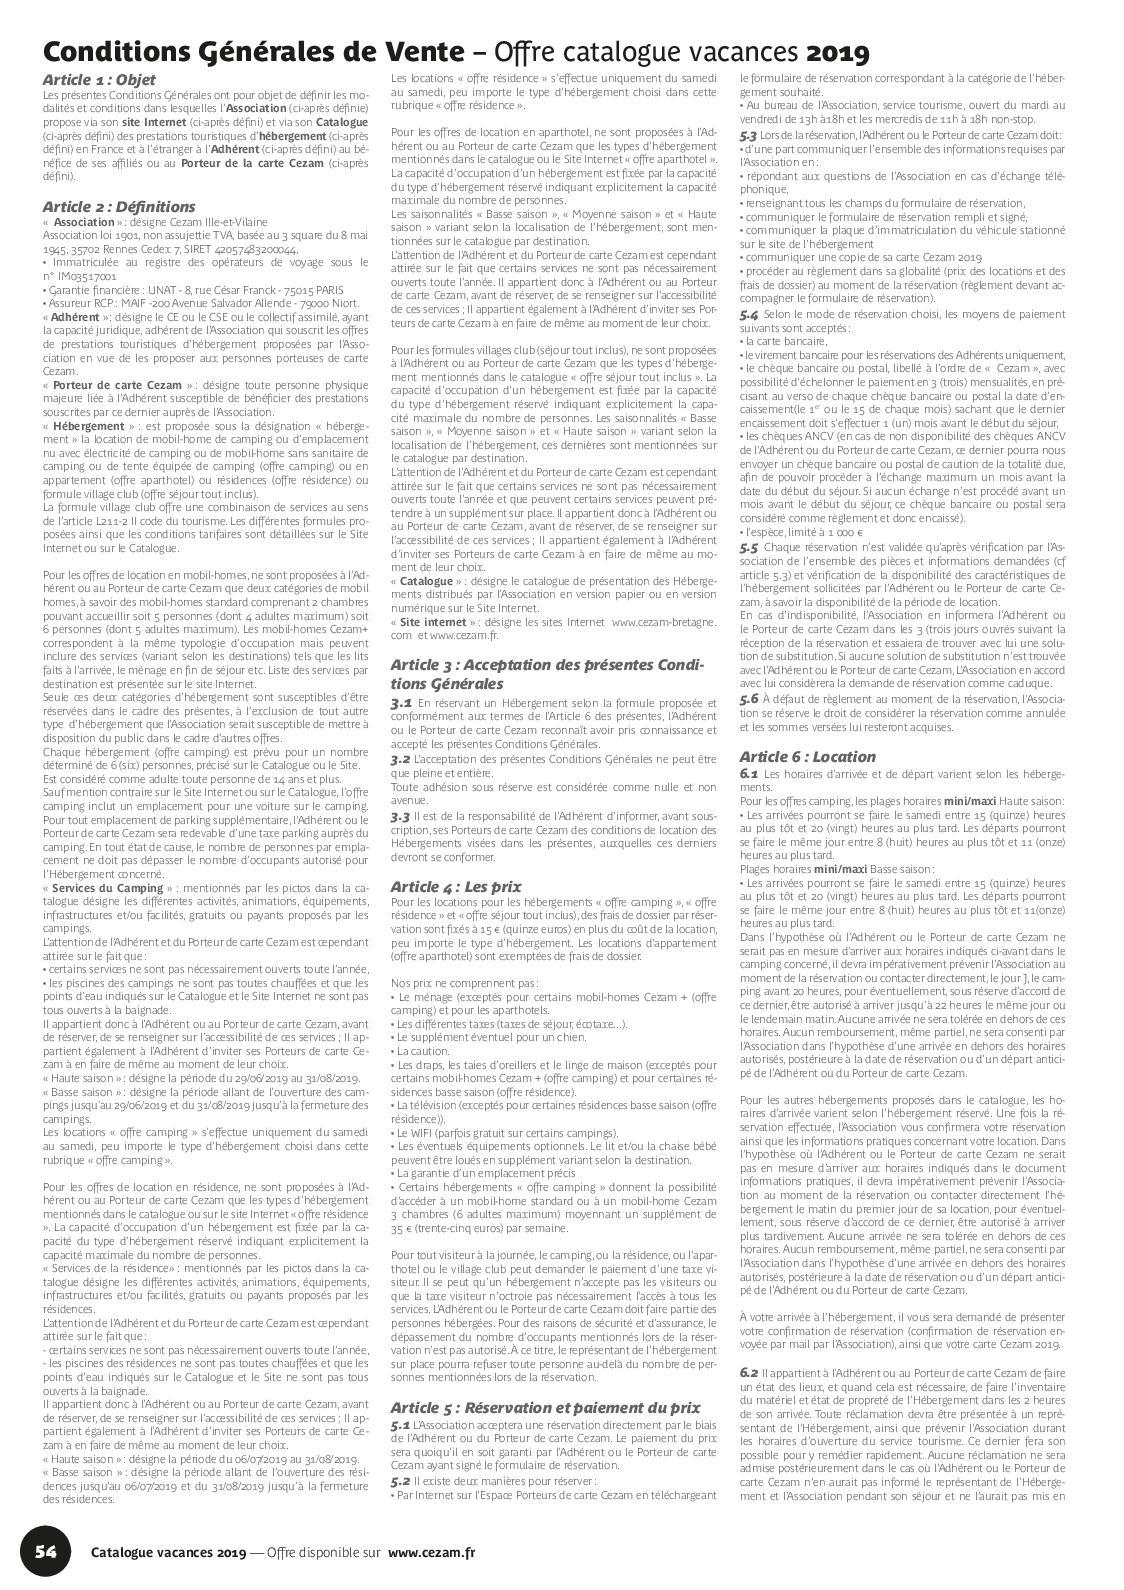 Carte Cezam Catalogue.Catalogue Vacances Cezam 2019 Calameo Downloader